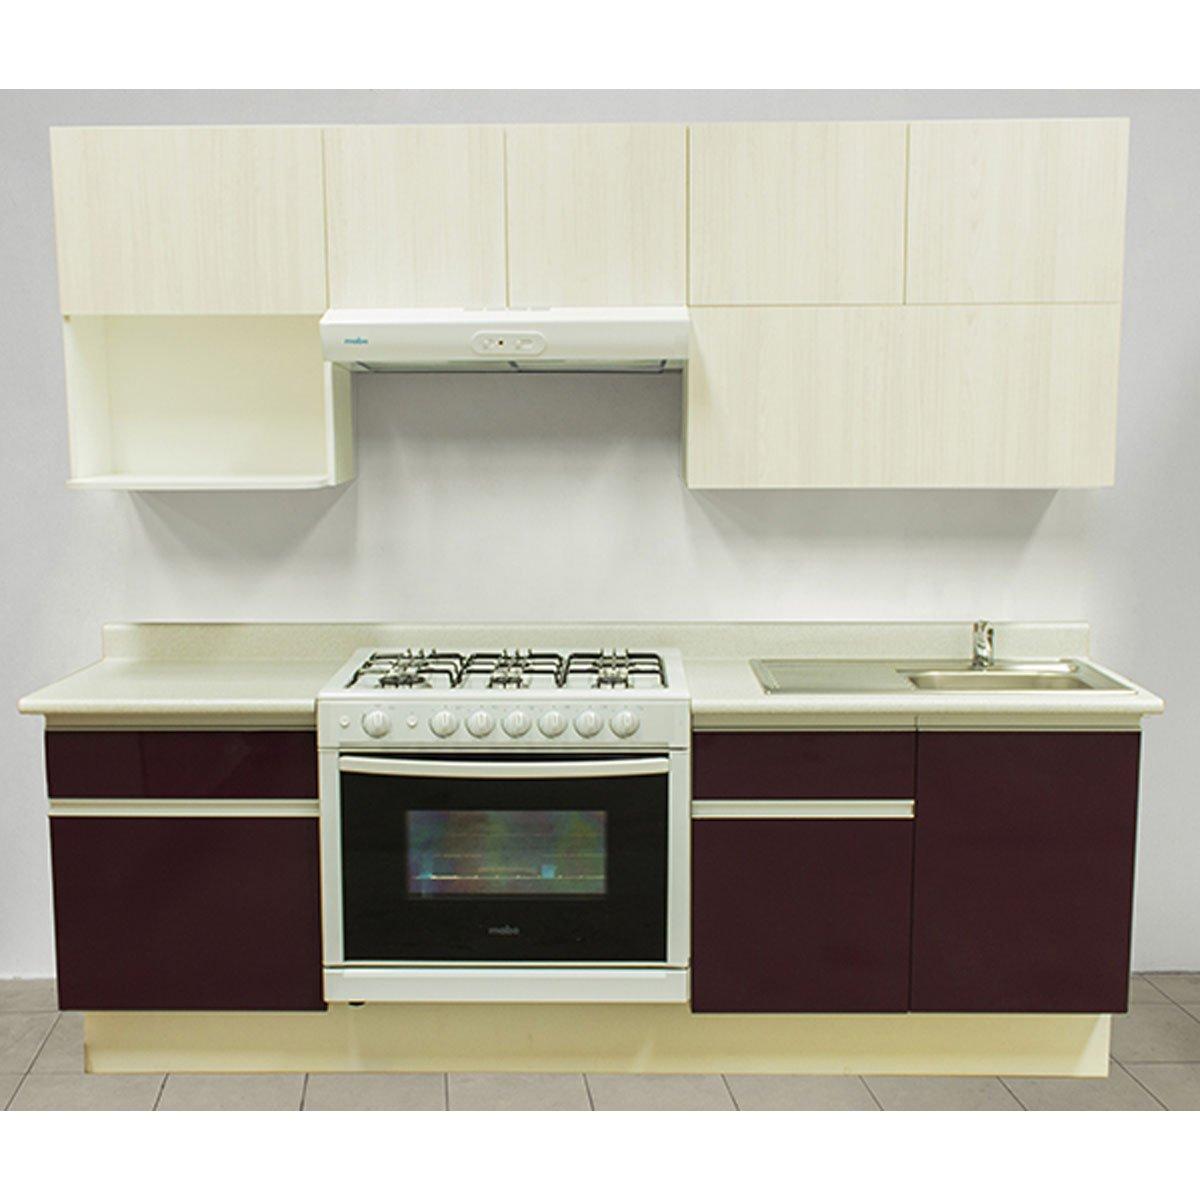 Cocina integral rouge estufa izquierda tarja for Armado de cocina integral